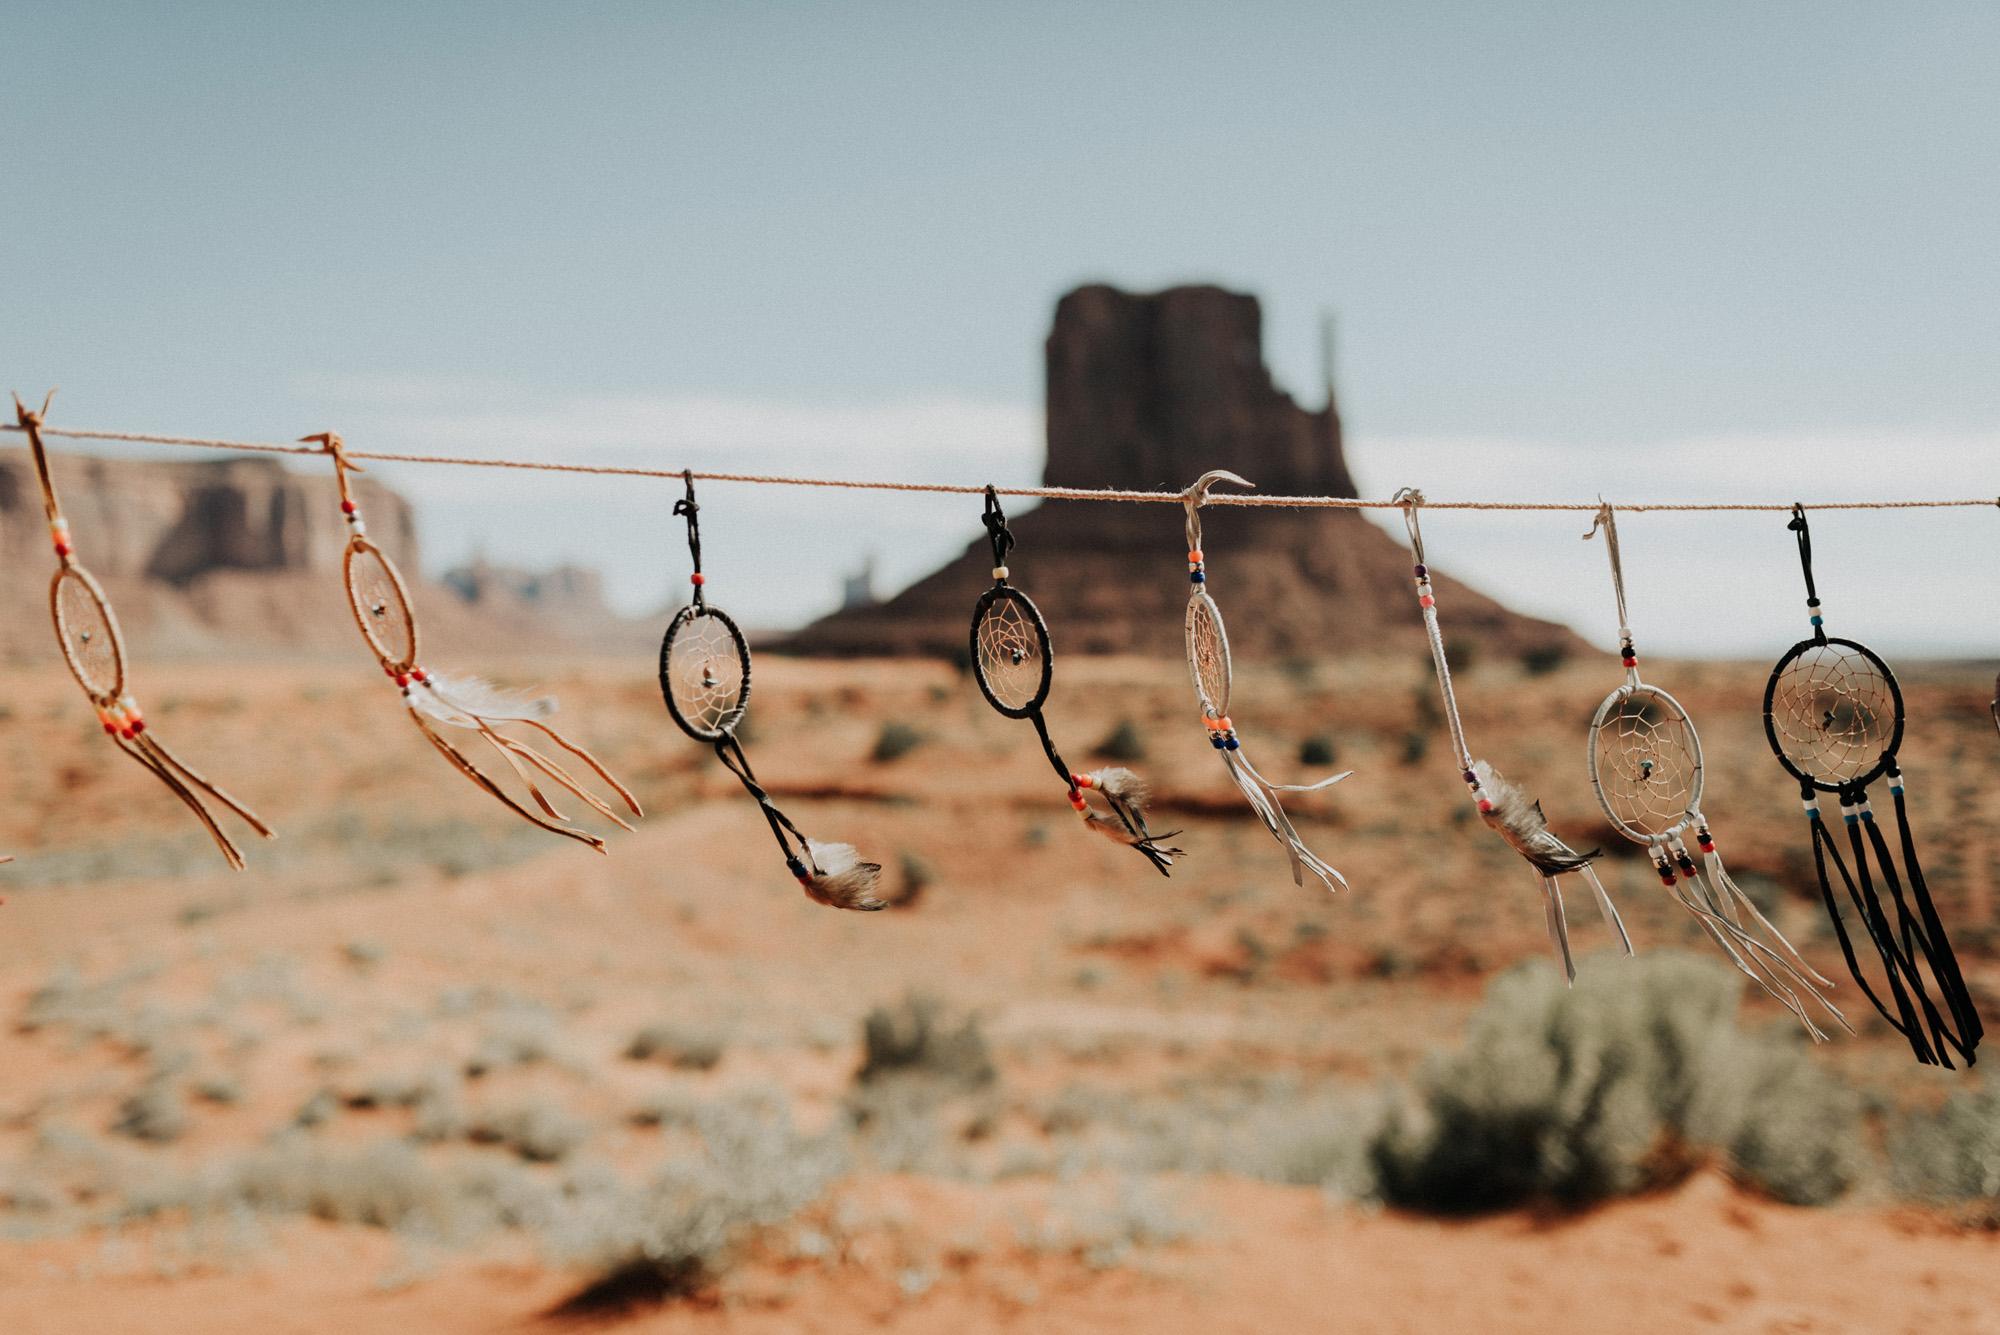 monument valley utah ut kylewillisphoto demurela navajo dreamcatchers